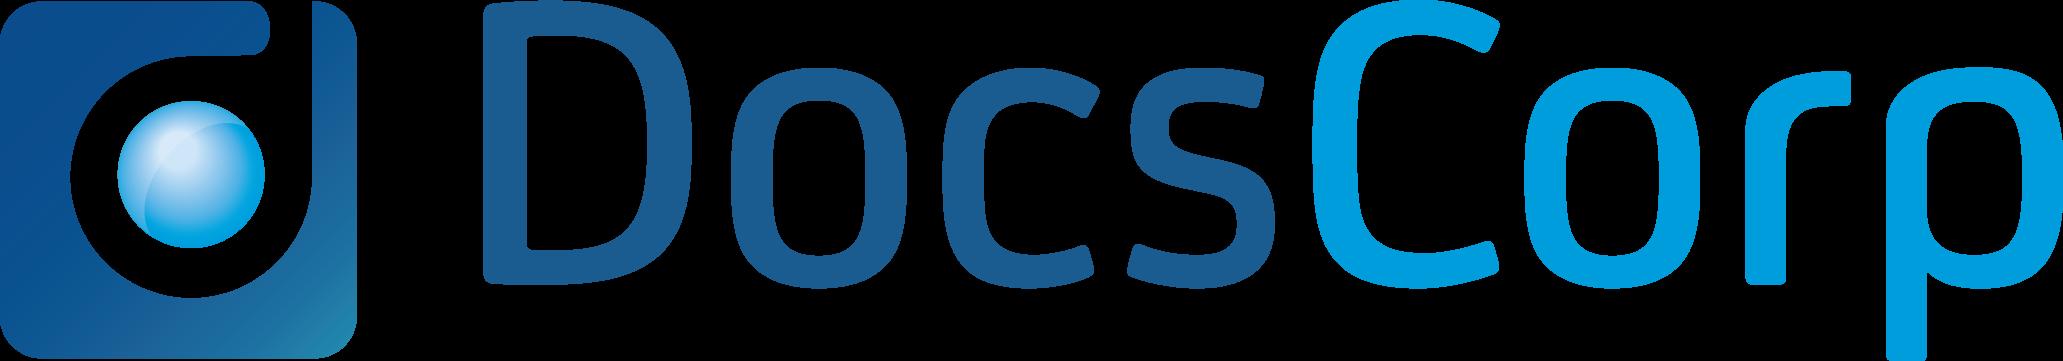 DocsCorp HD PNG e1494686030339 - Soluciones Aptus Legal